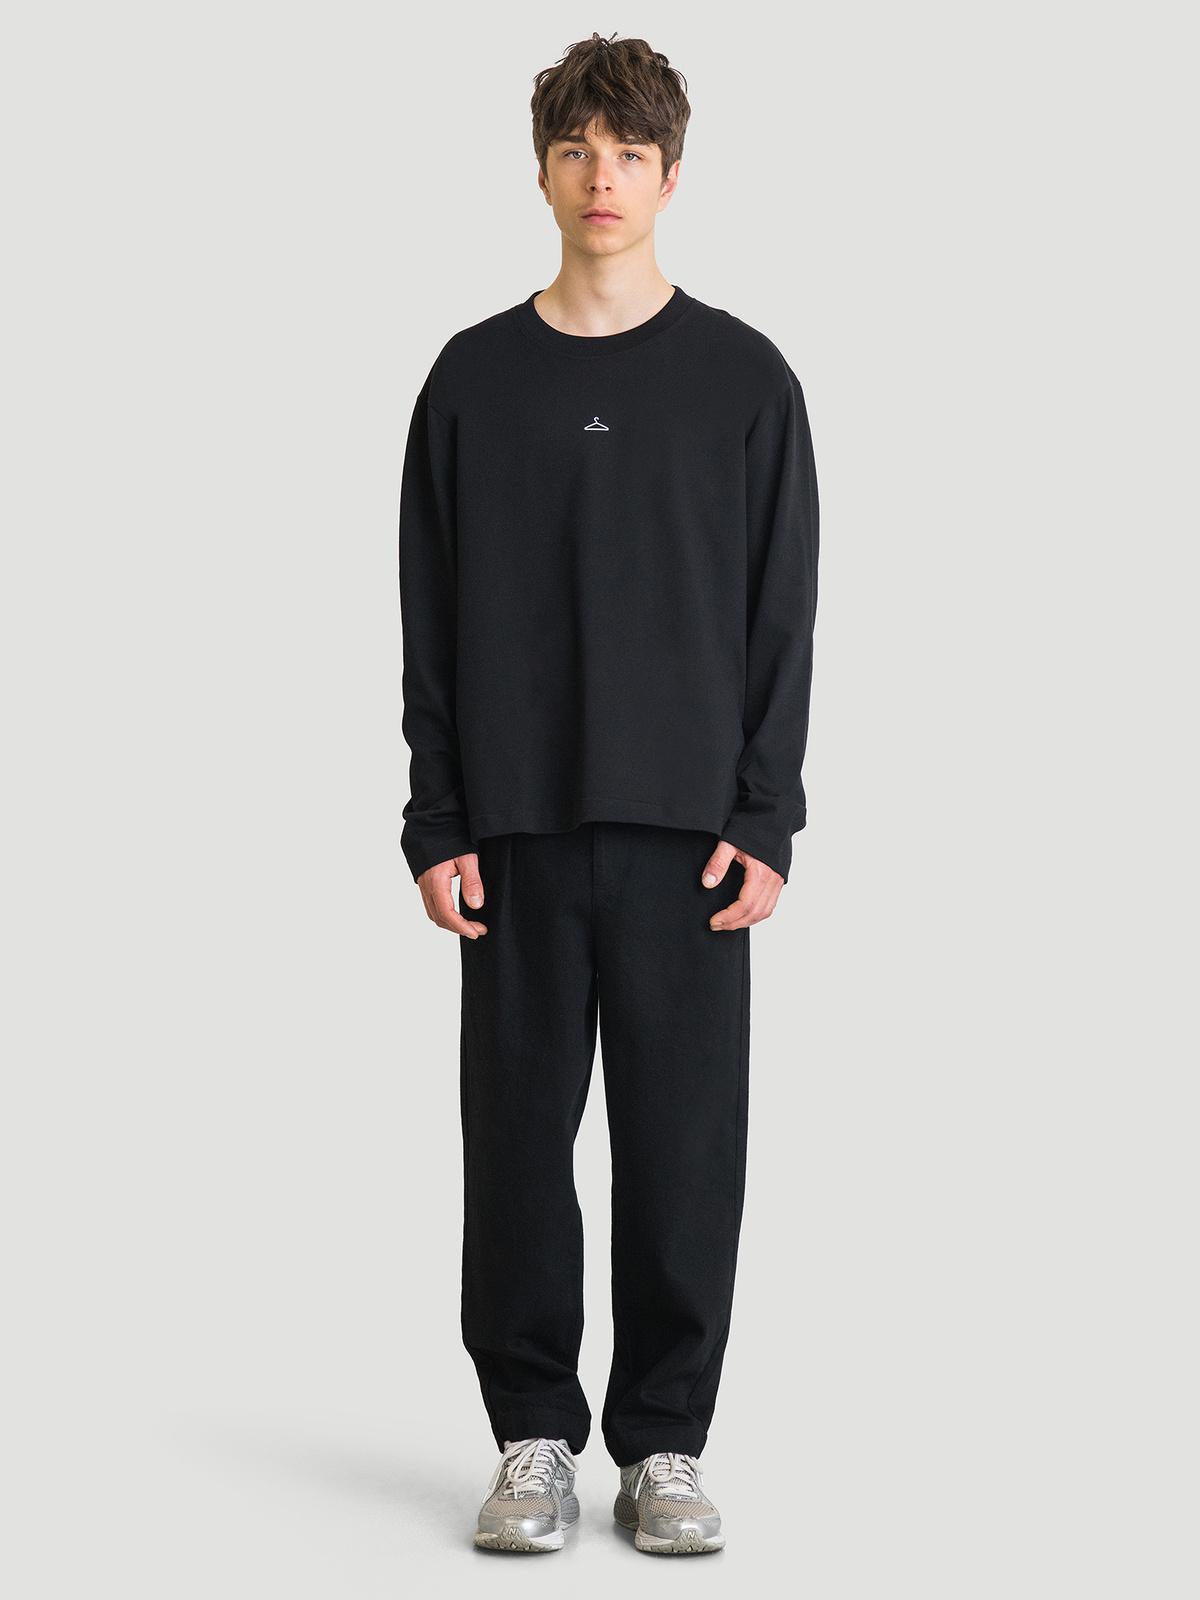 Hanger Longsleeve Black 8